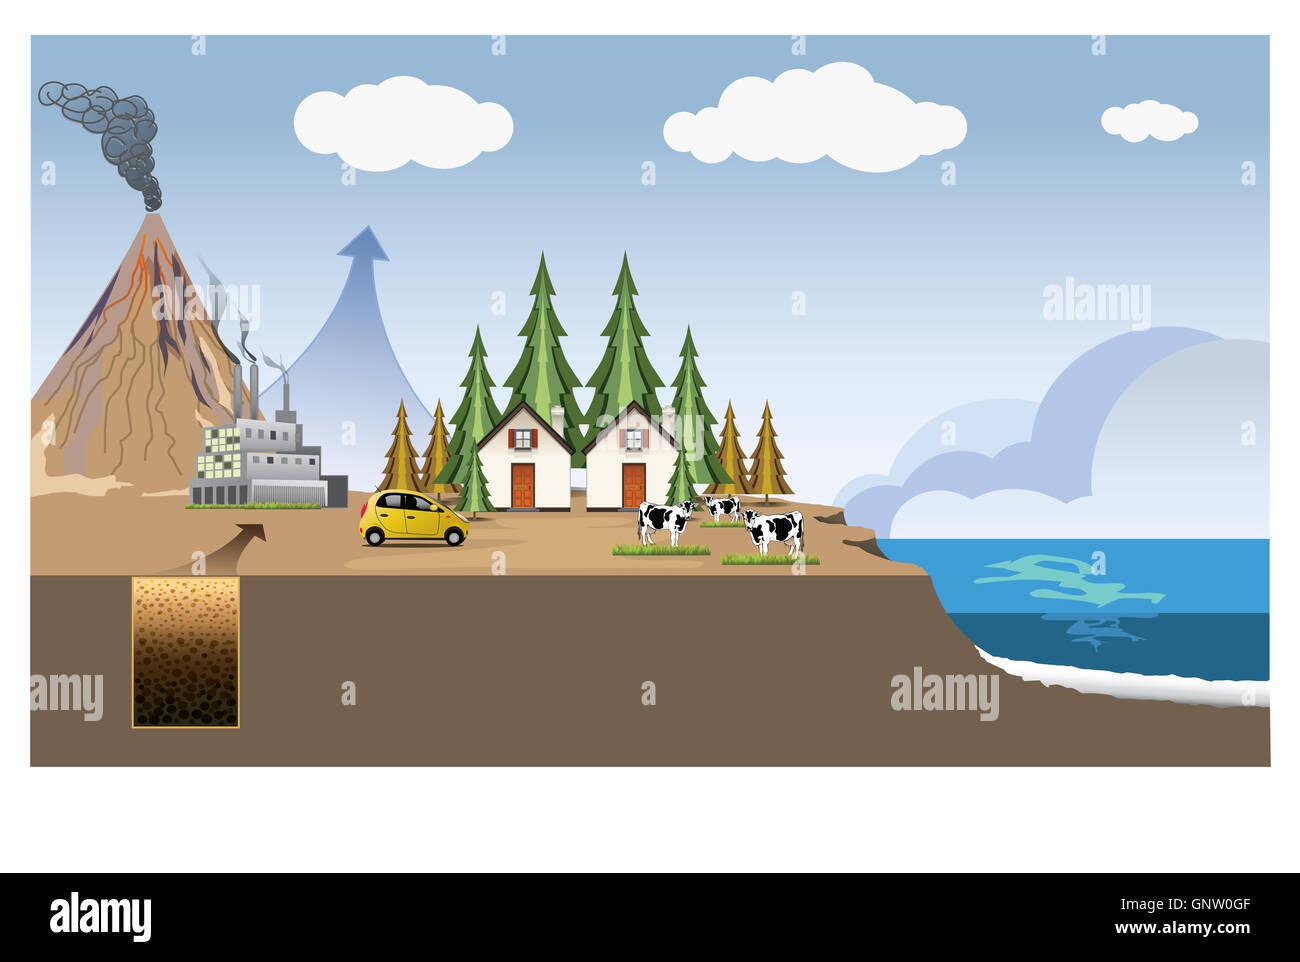 La energía geotérmica es la energía térmica generada y almacenada en la tierra. Vector Imagen De Stock